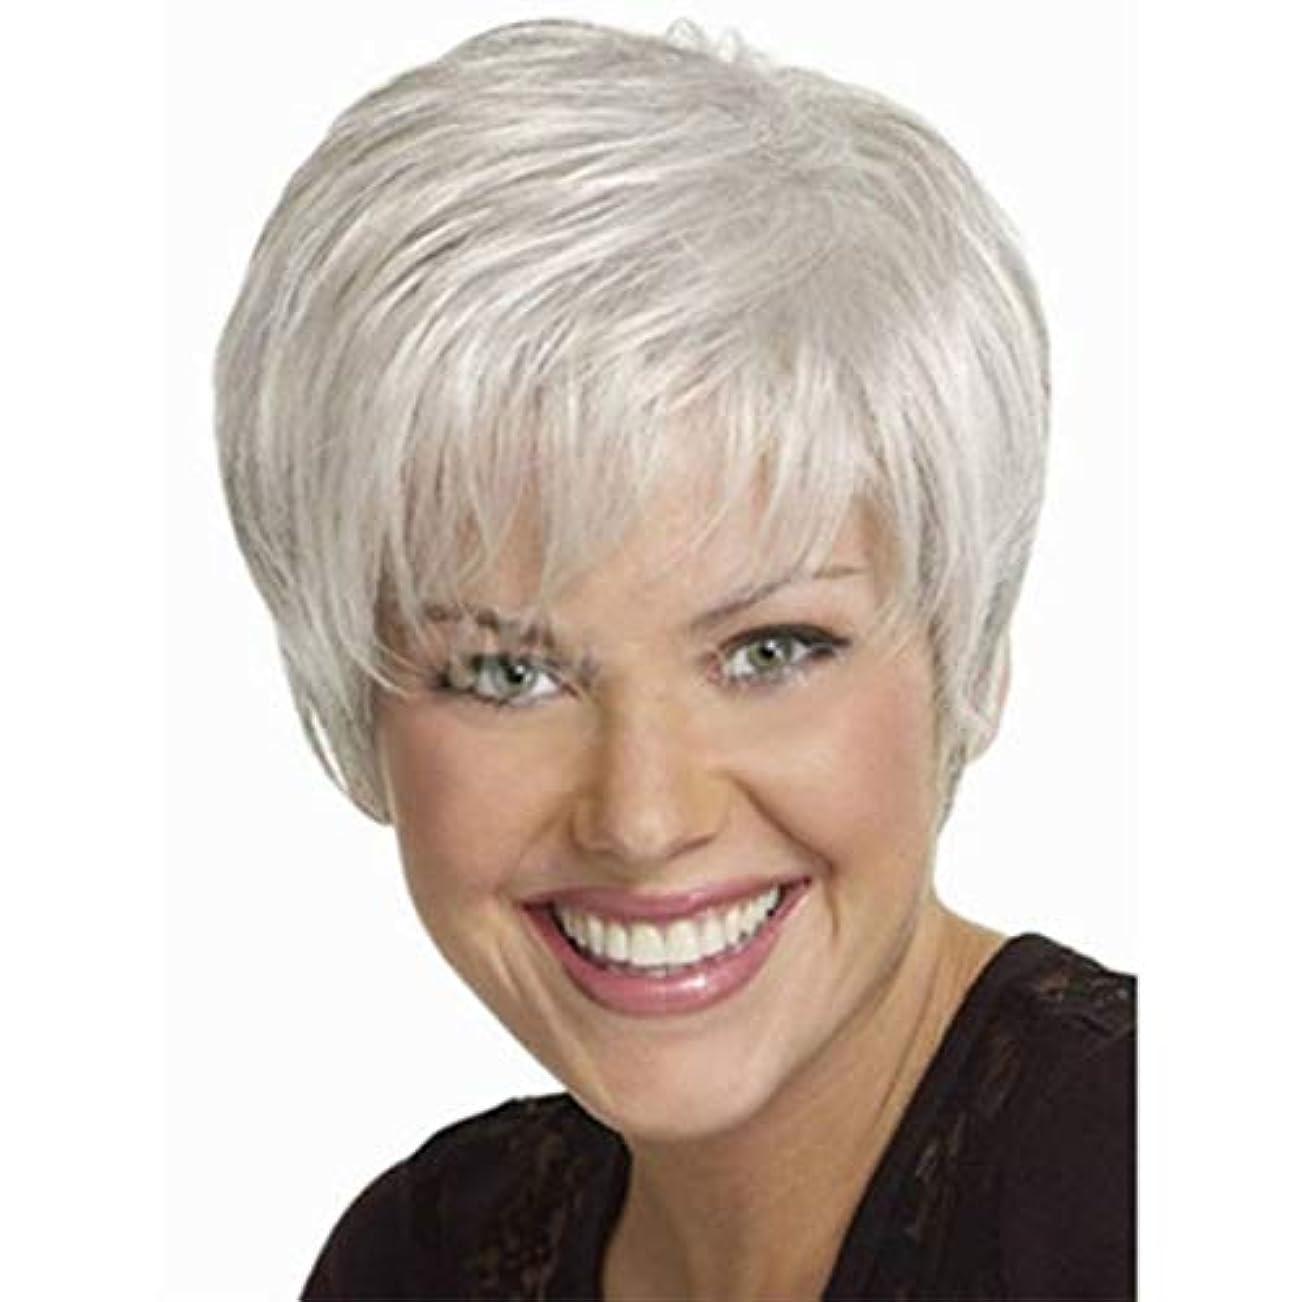 バルーン硬い副詞Summerys ショートヘアウィッグショートストレート人工毛フルウィッグ自然に見える高温ワイヤーウィッグ女性用